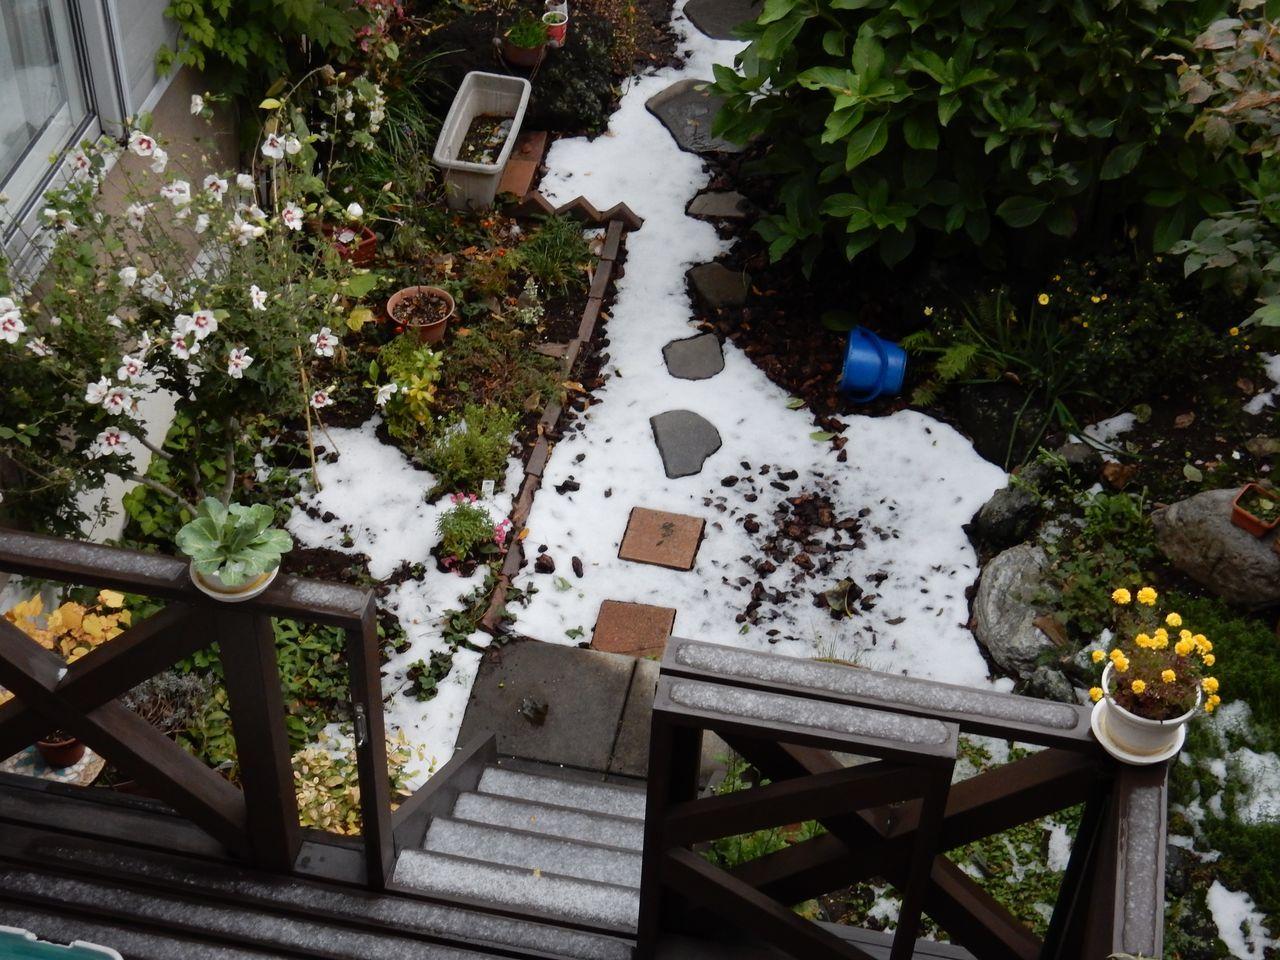 早い本格的初雪から一夜明けて_c0025115_20311236.jpg